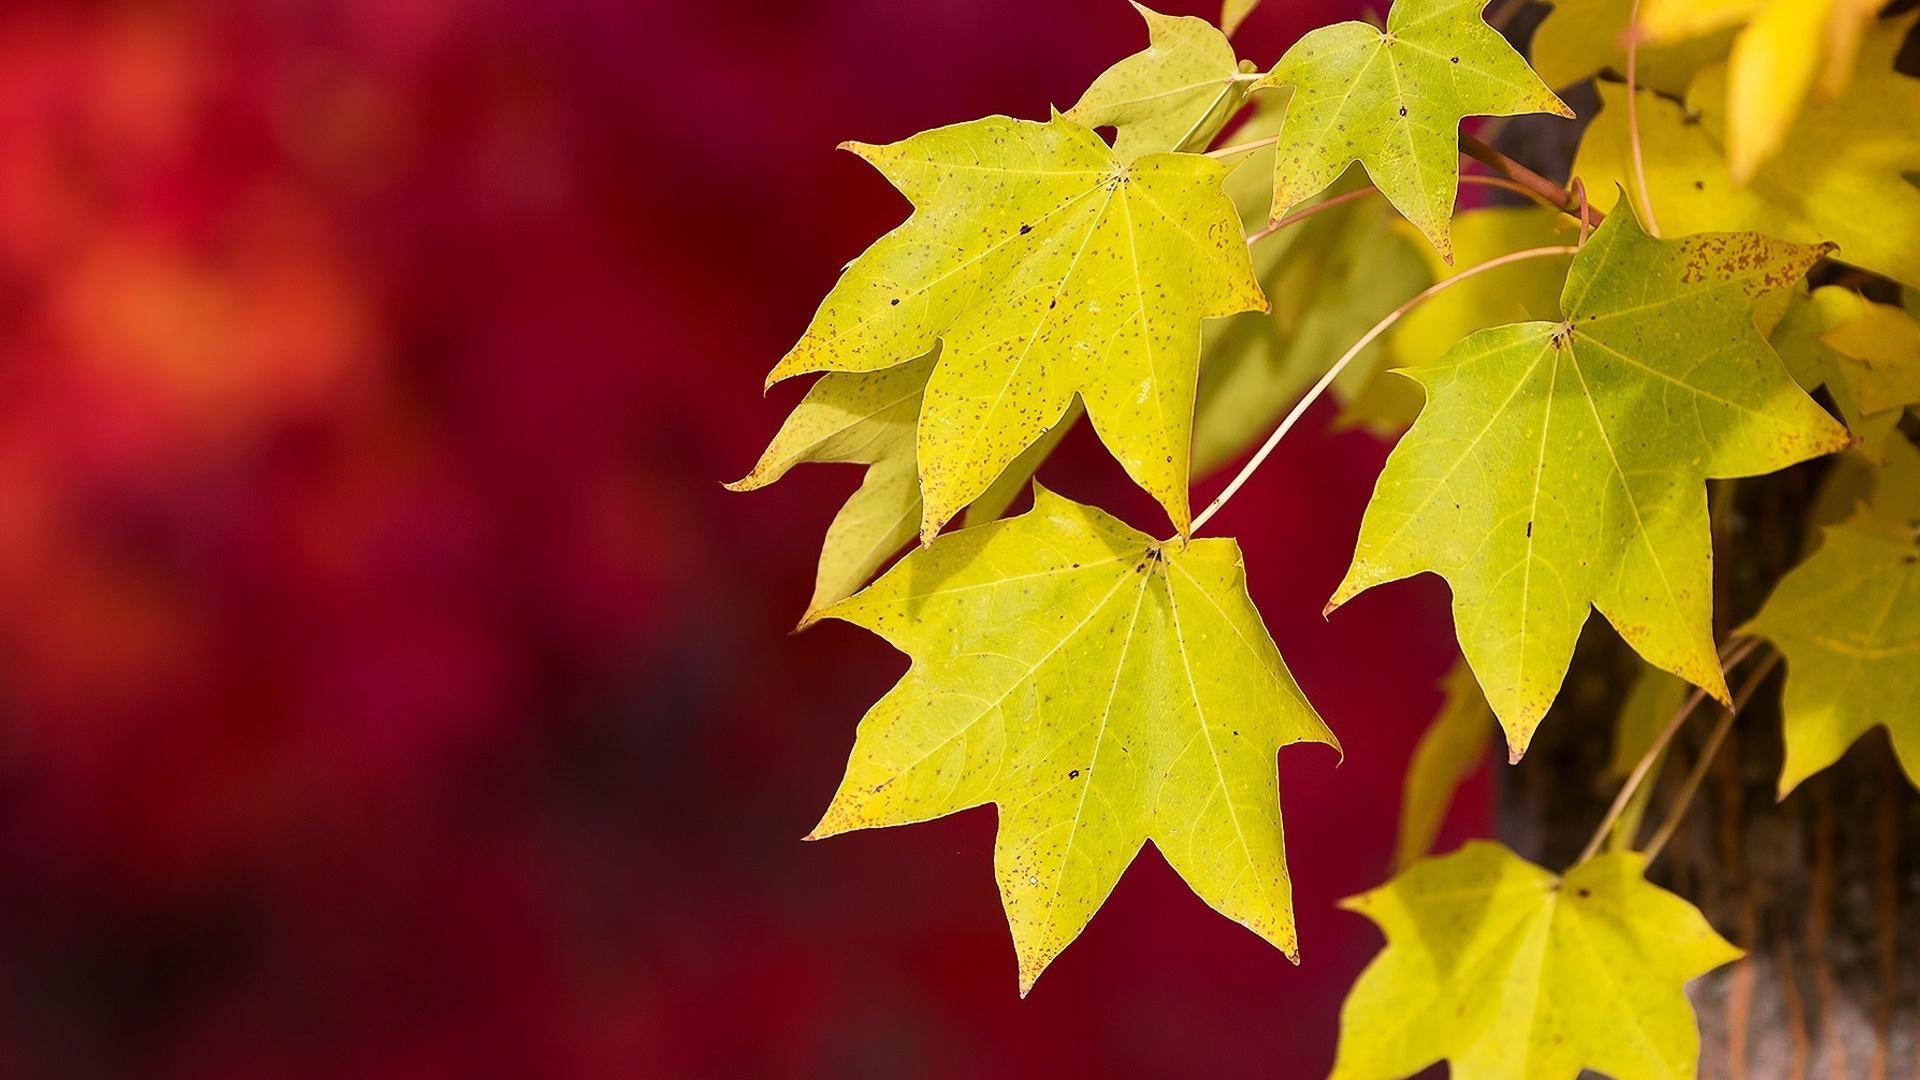 картинки осень листья большие этой фотке обкончайте